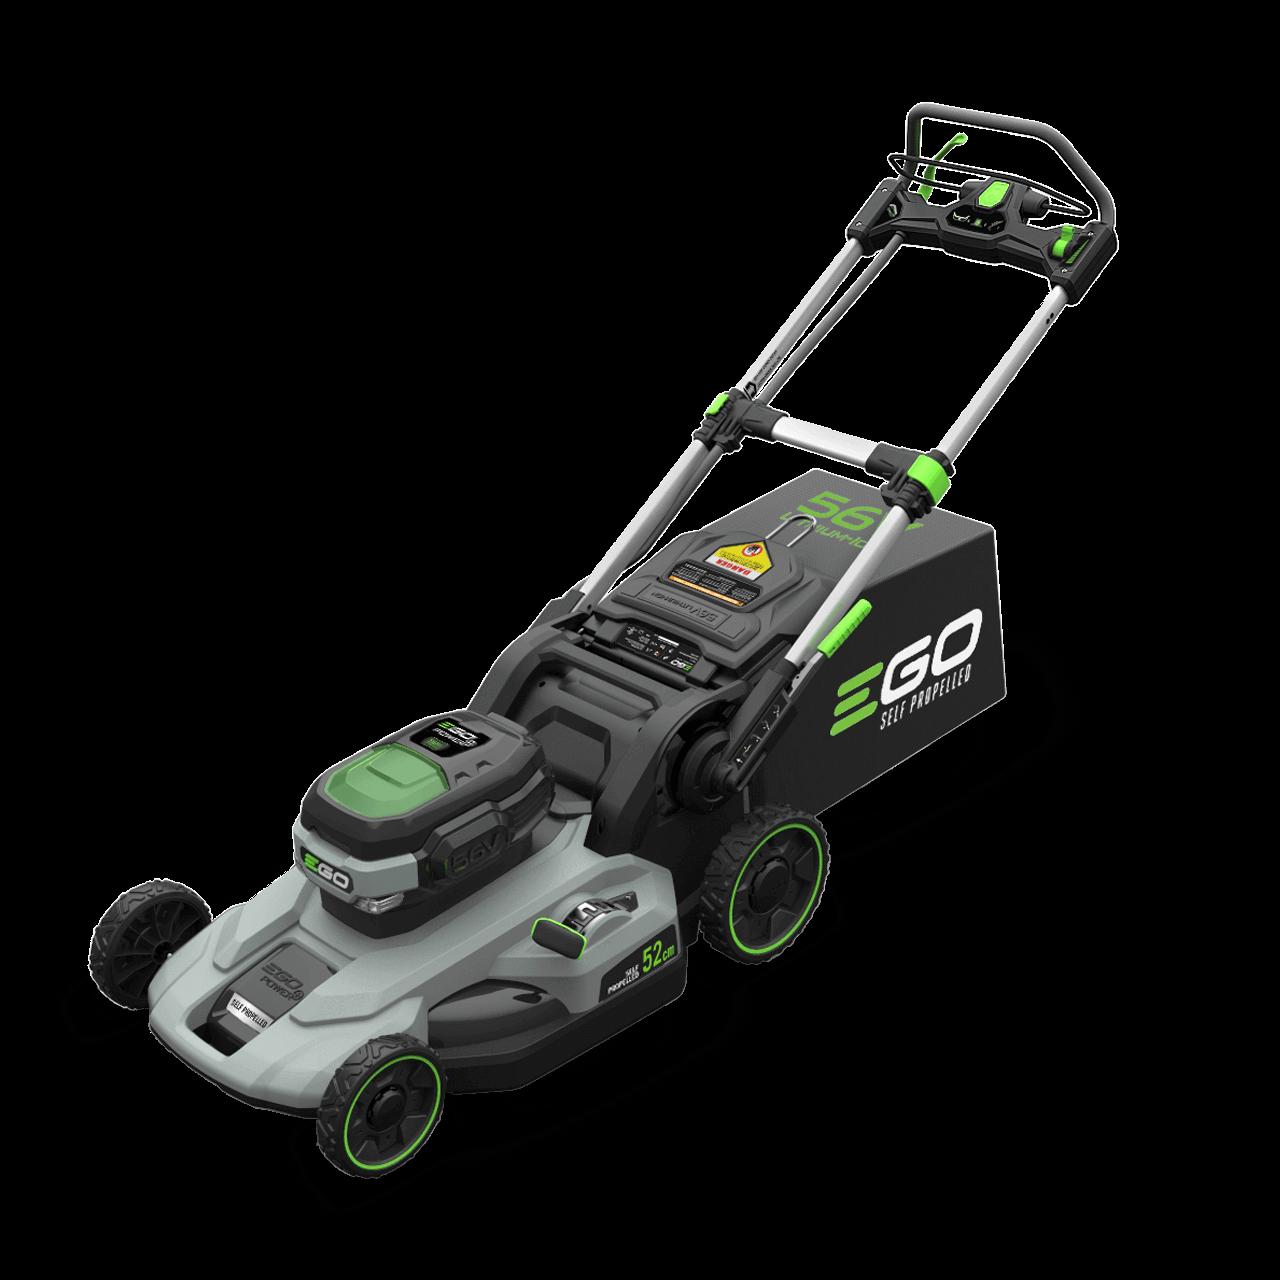 power-21-self-propelled-mower